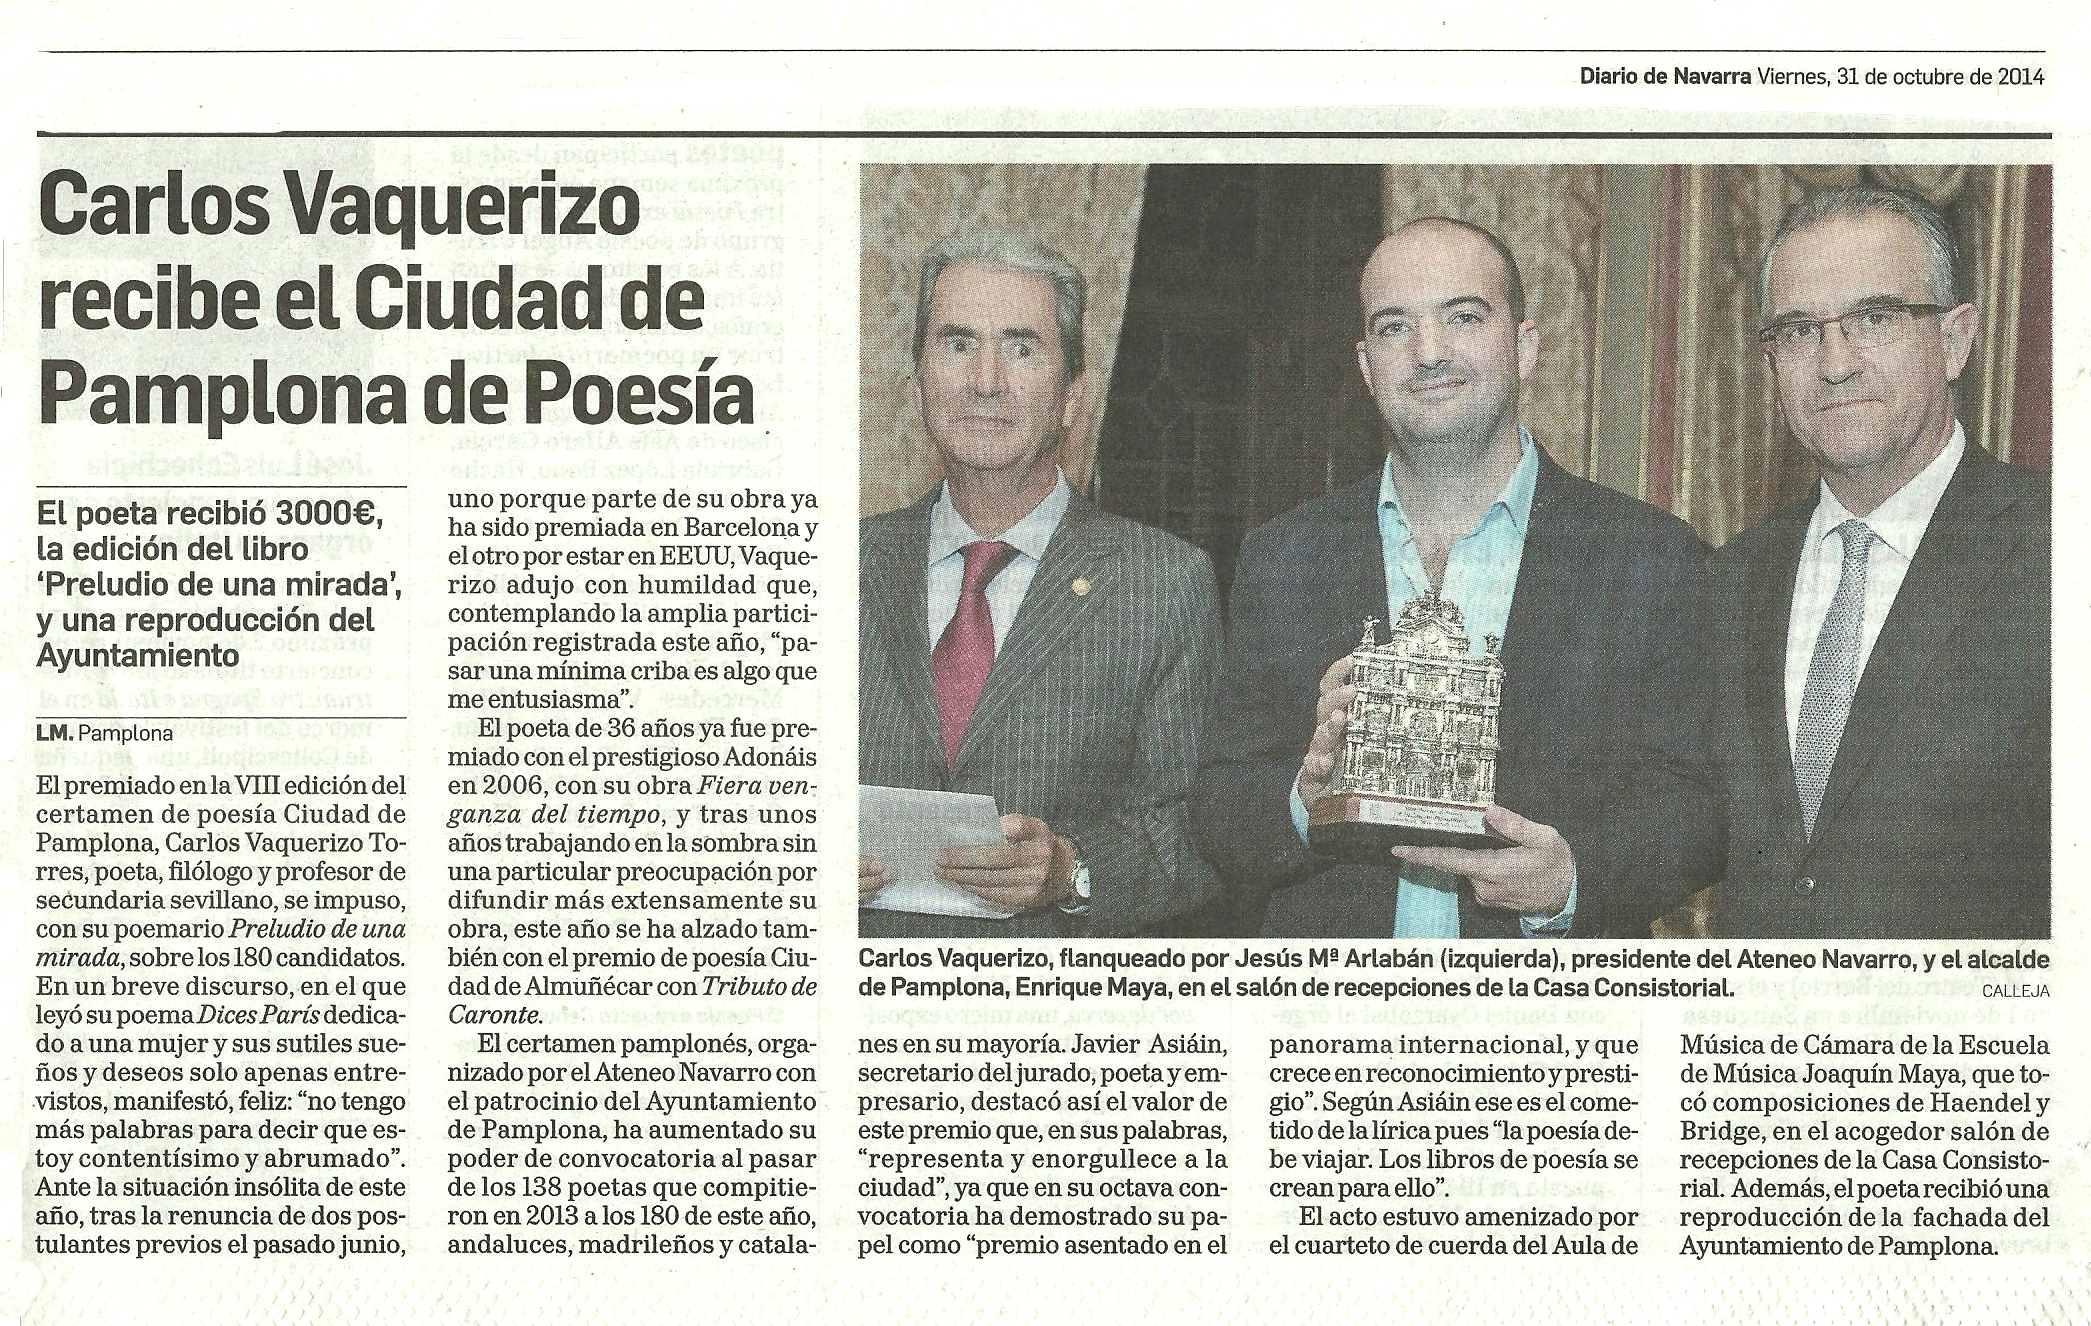 DIARIO DE NAVARRA : Premio Ciudad de Pamplona 2014.